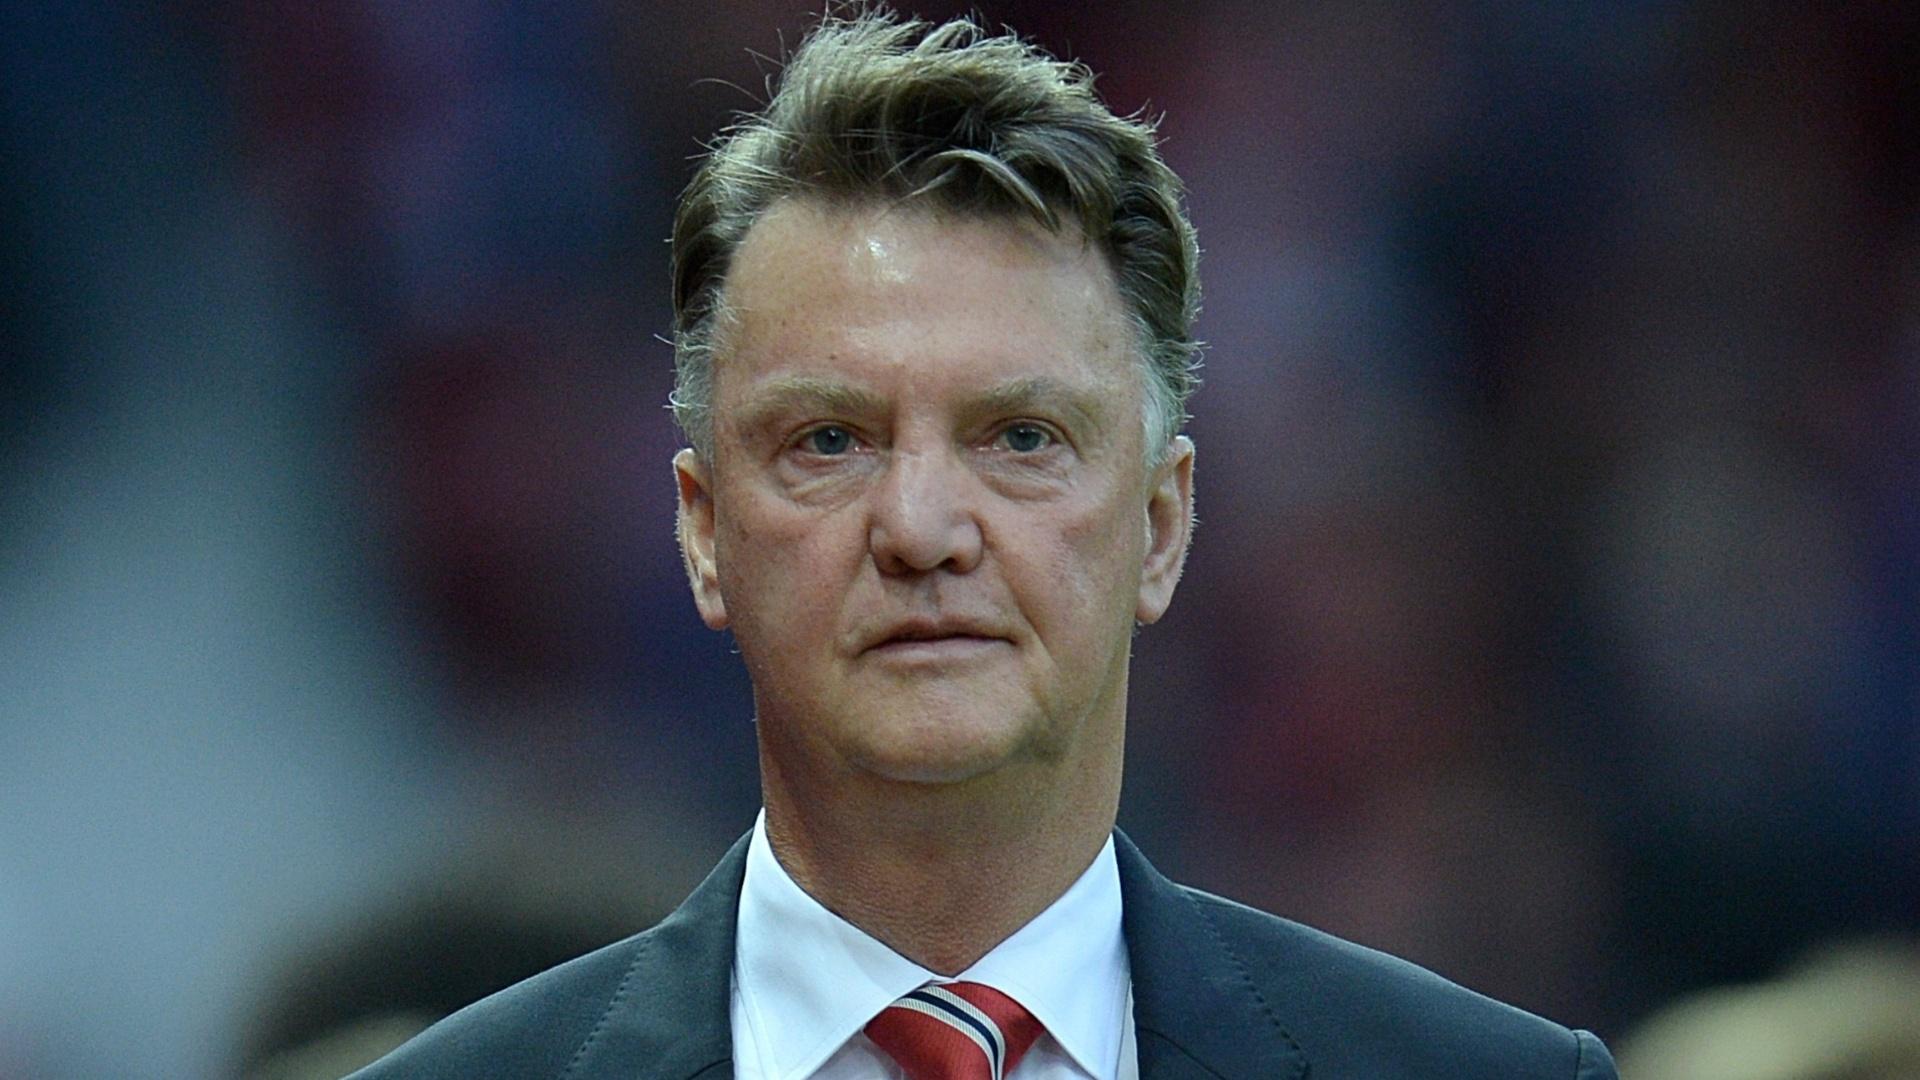 Van Gaal segue em direção ao vestiário no intervalo do confronto entre Manchester United e Club Brugge